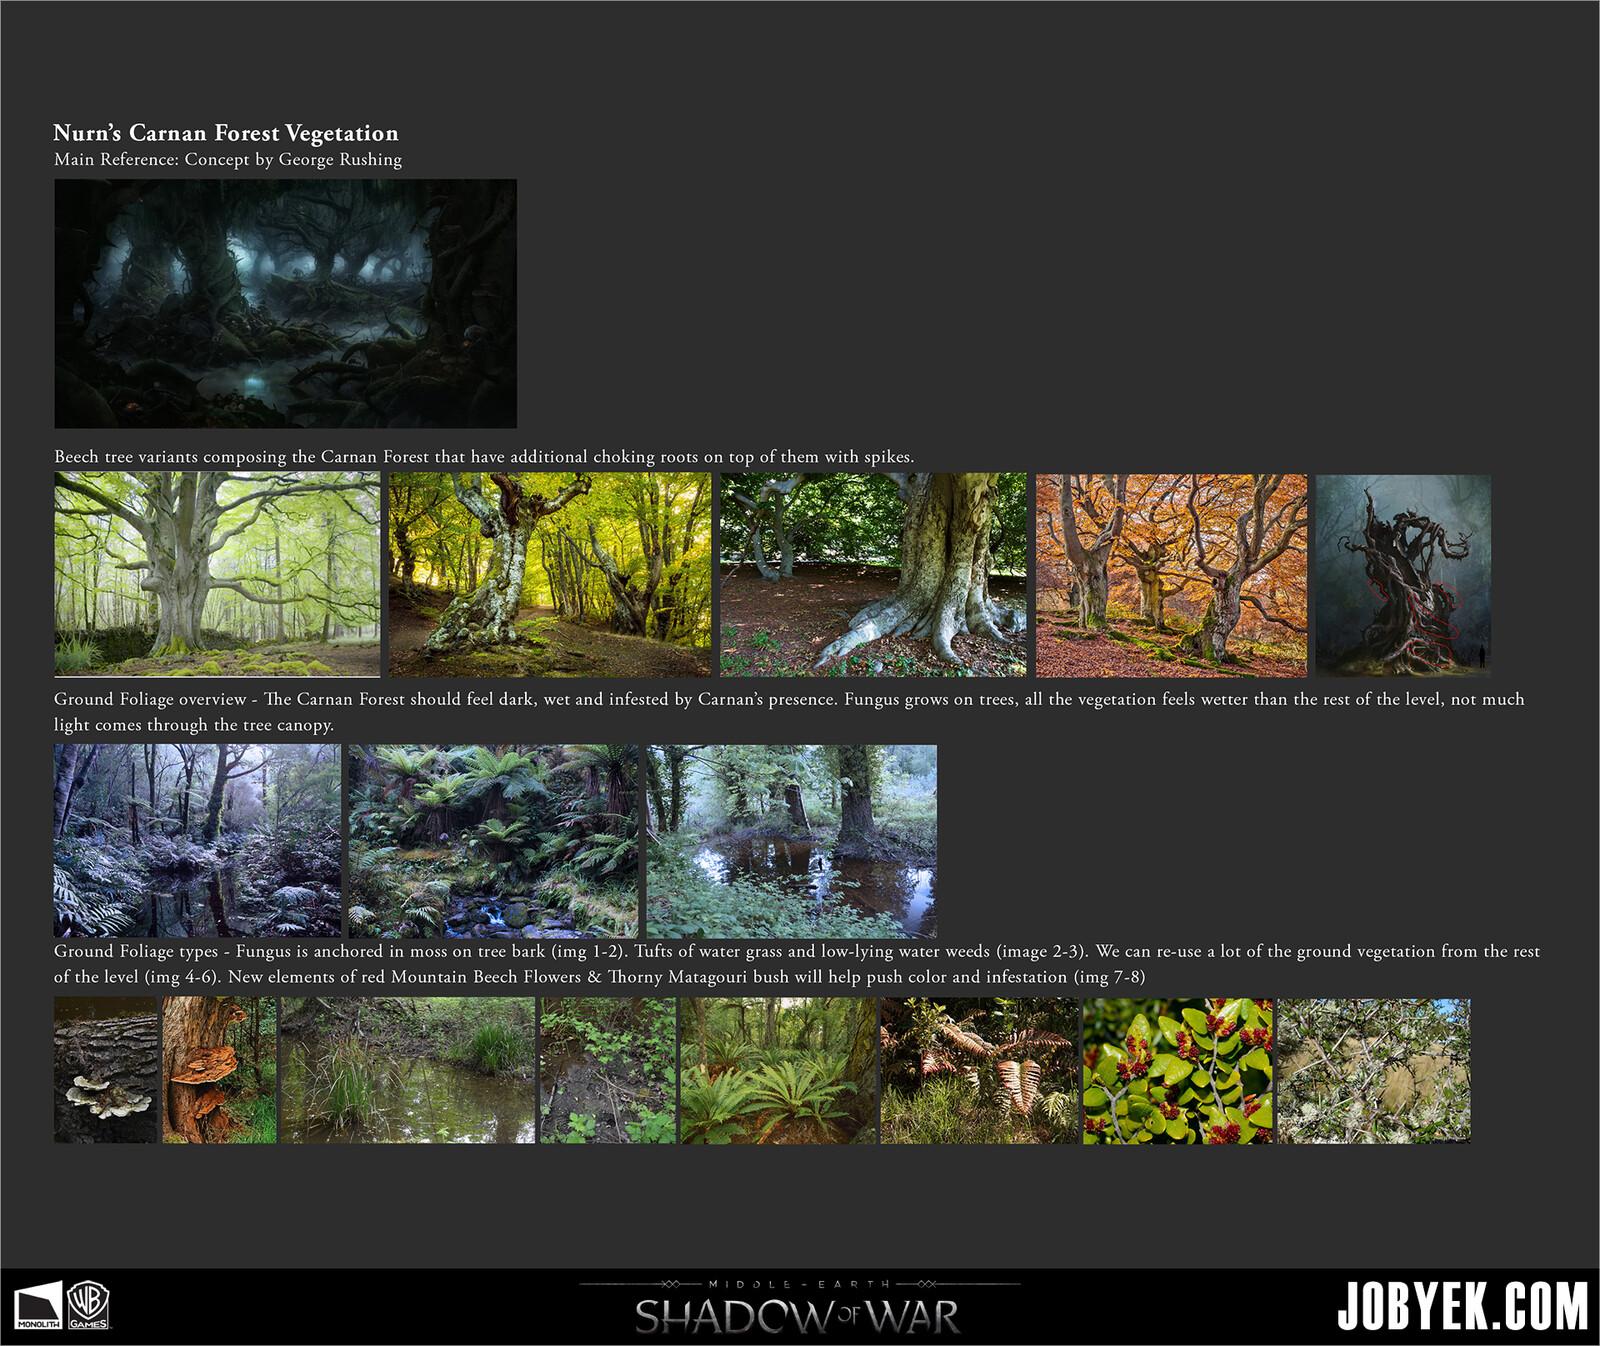 Stylesheet for Nurnen's Carnan Forest